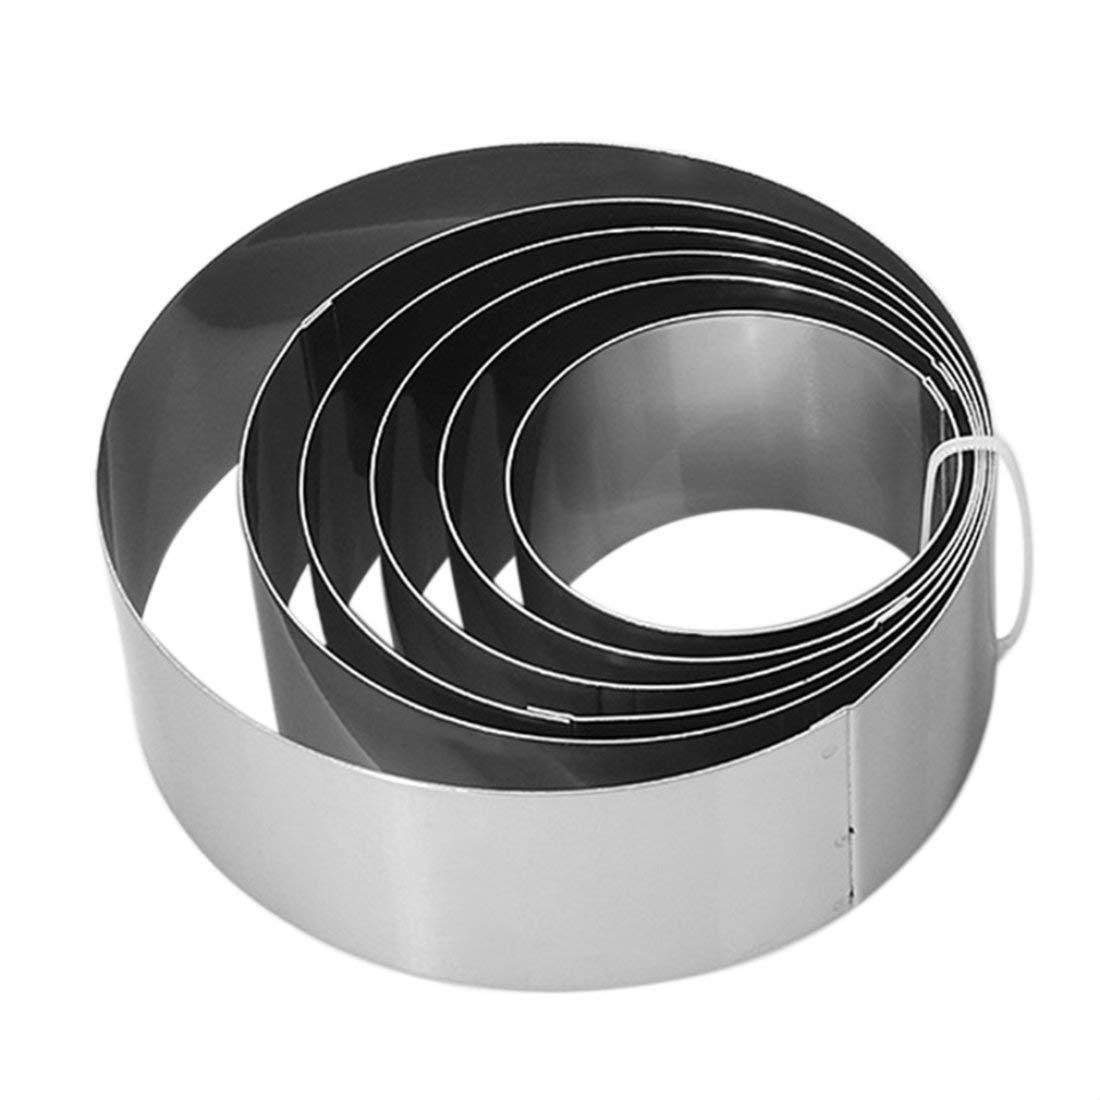 6pcs / set in acciaio inox forma rotonda mousse anello casa fai da te muffa della torta decorazione muffa cottura biscotto strumento biscotto Formulaone